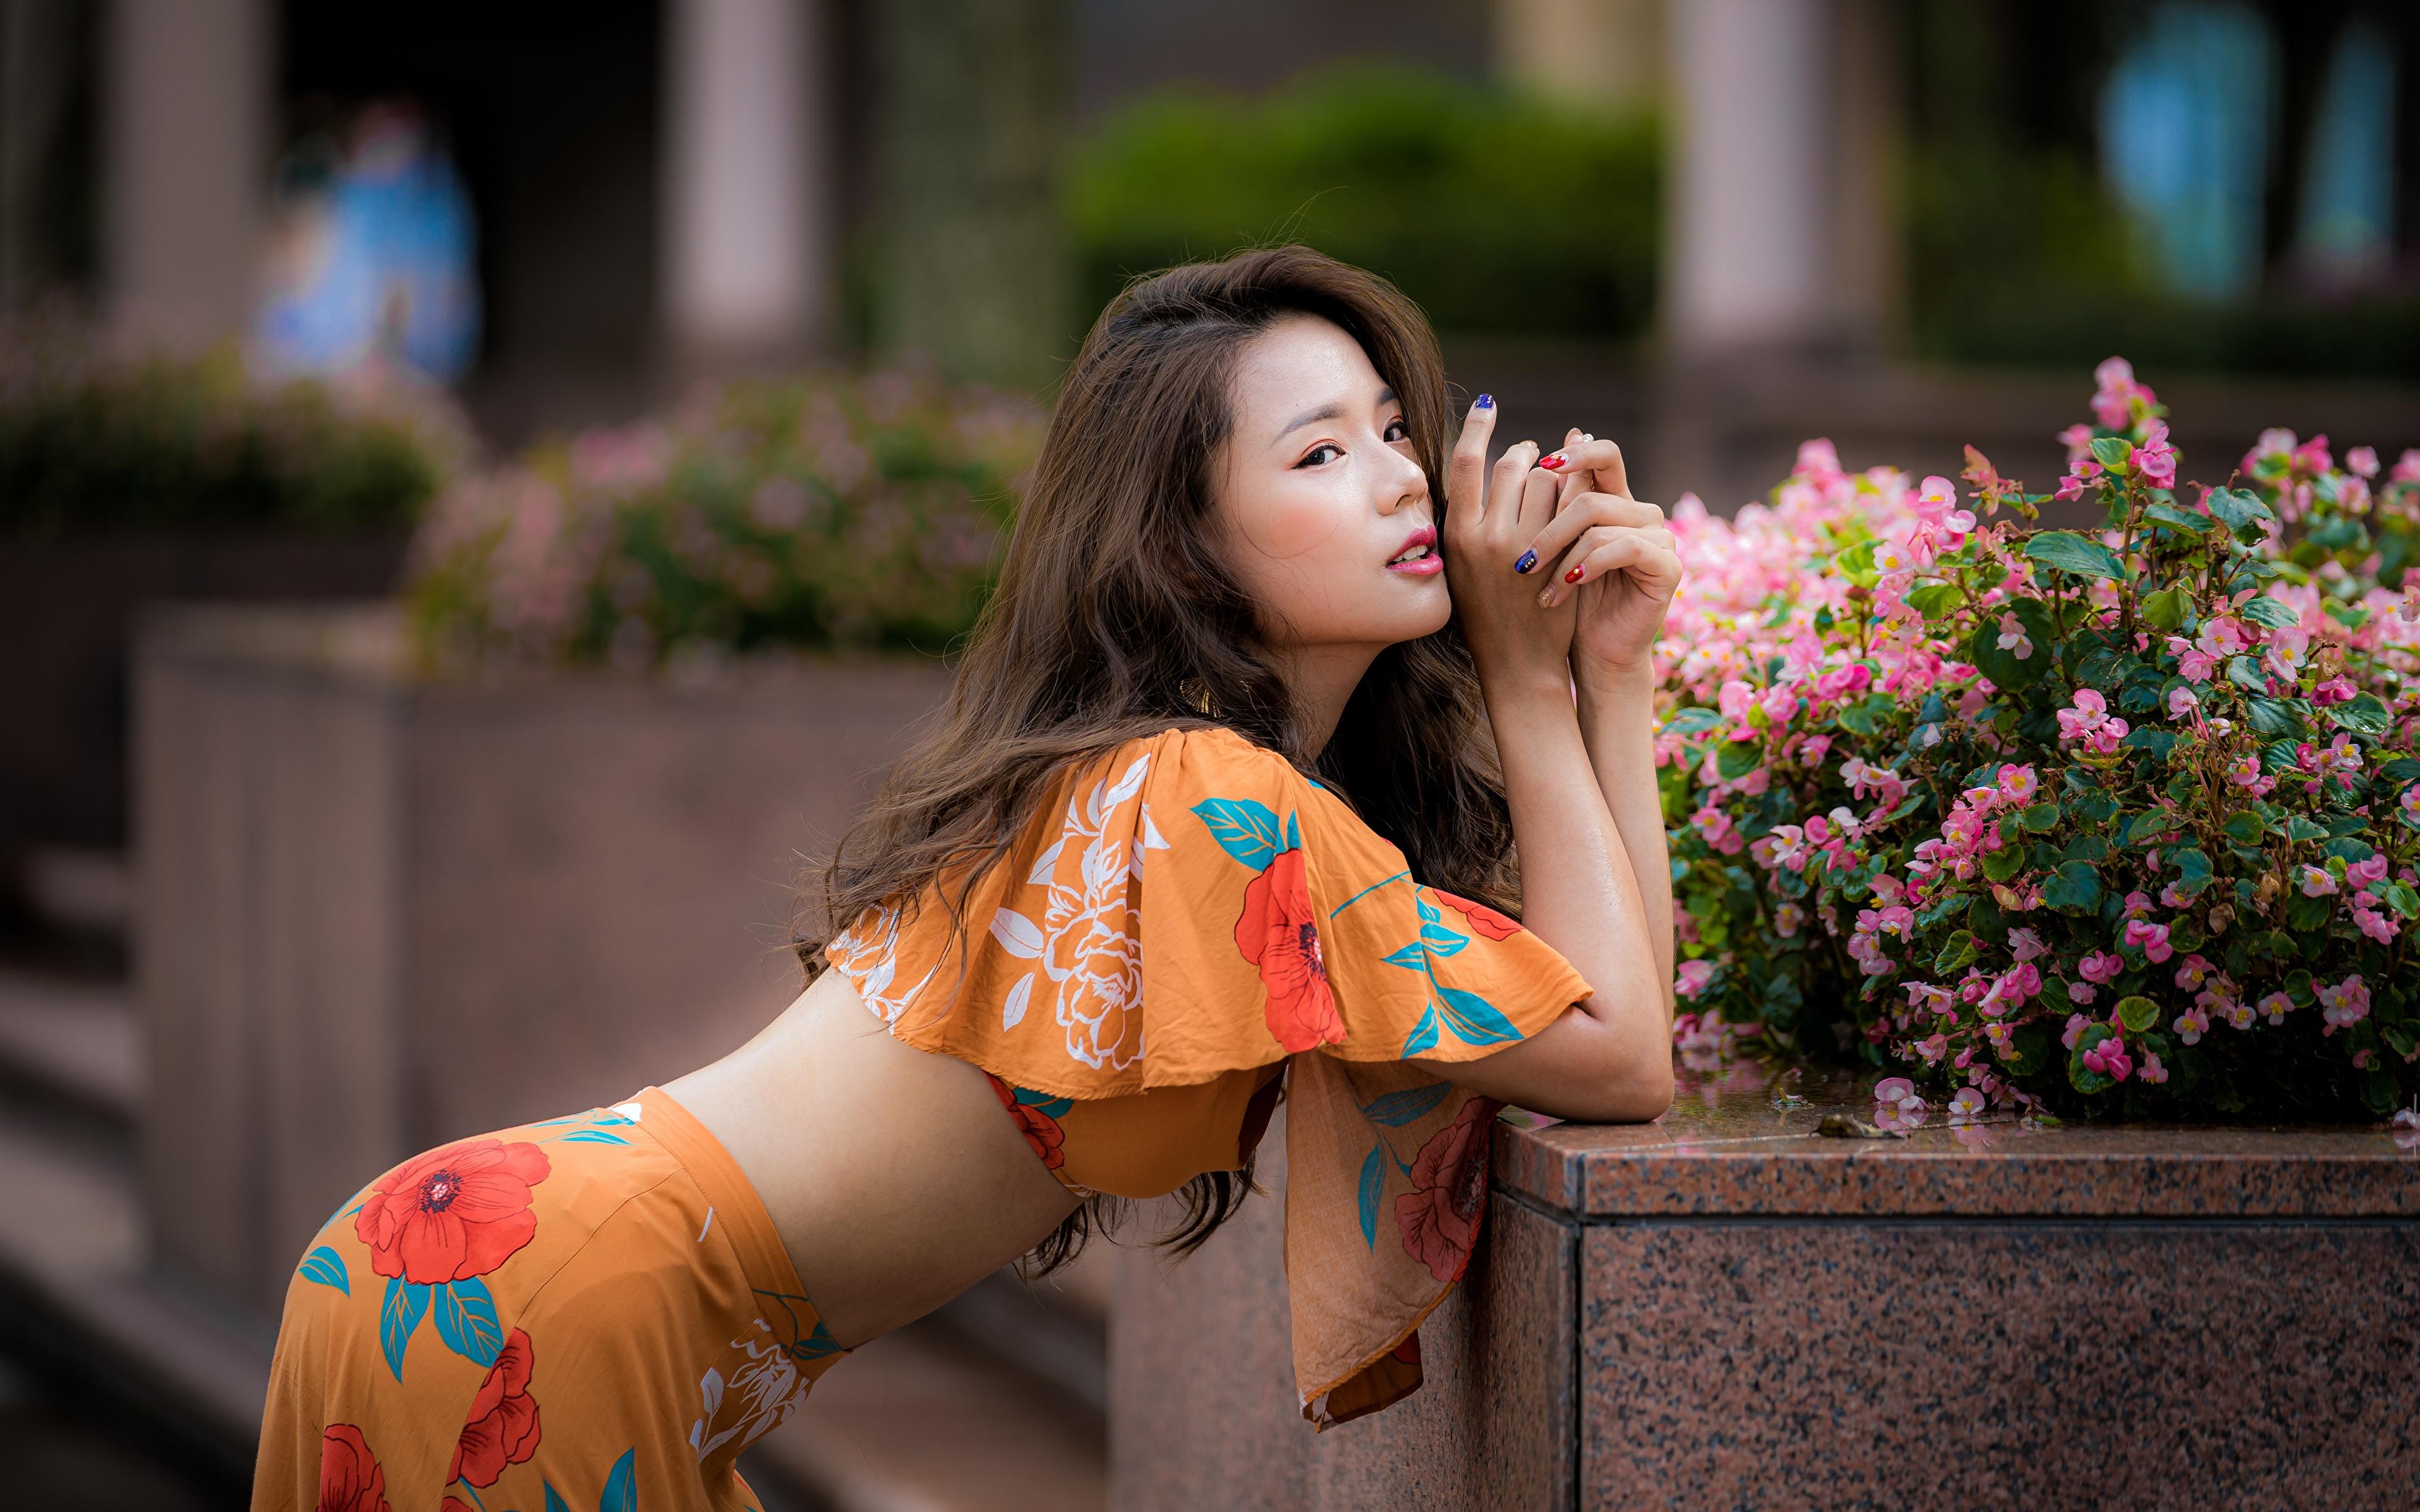 Картинка Шатенка Размытый фон Милые позирует молодые женщины азиатки 3840x2400 шатенки боке Поза милый милая Миленькие девушка Девушки молодая женщина Азиаты азиатка